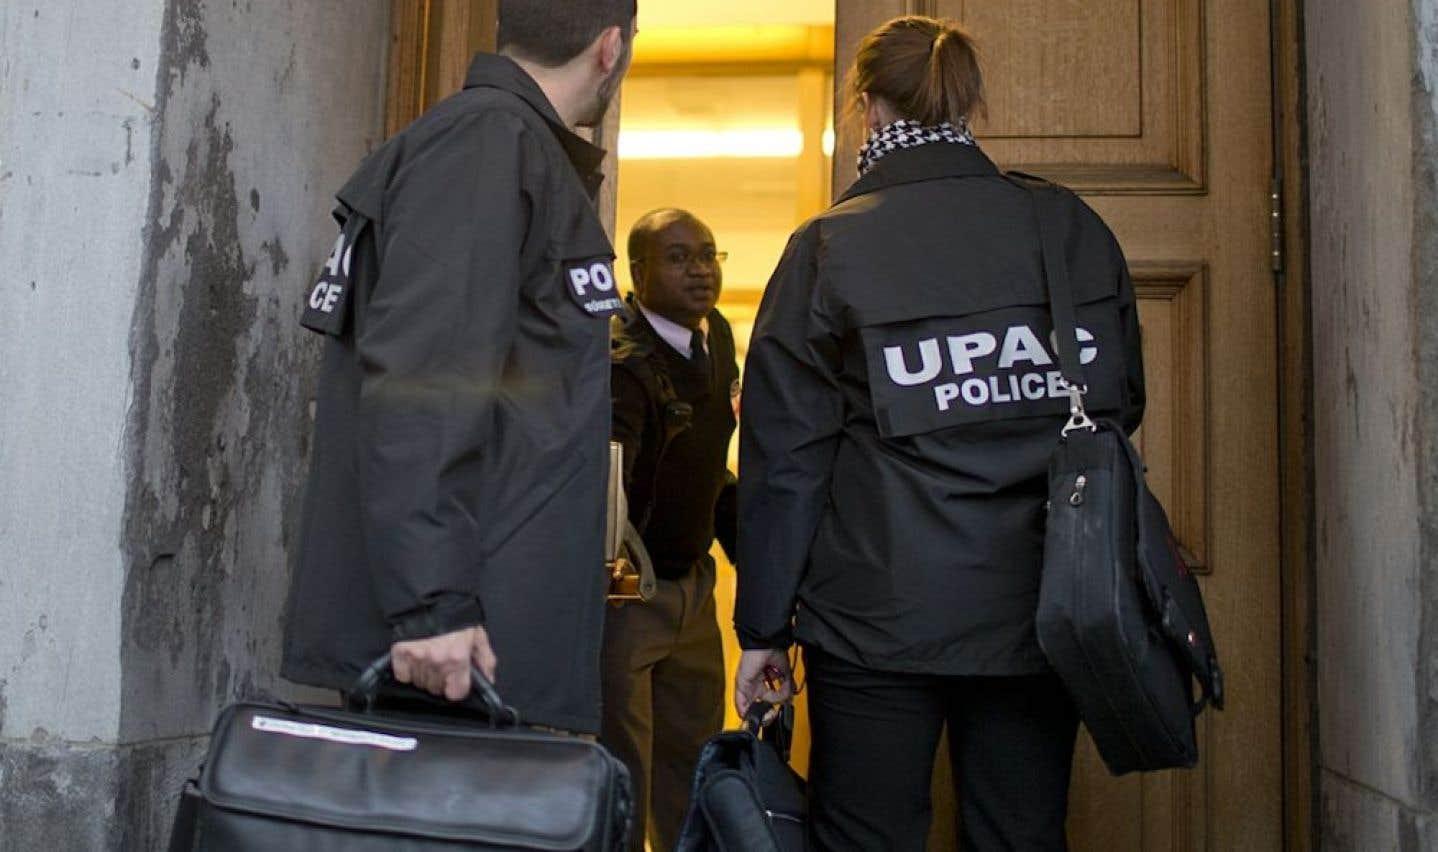 Contrats publics – L'UPAC enquête sur un système de financement occulte au PLQ